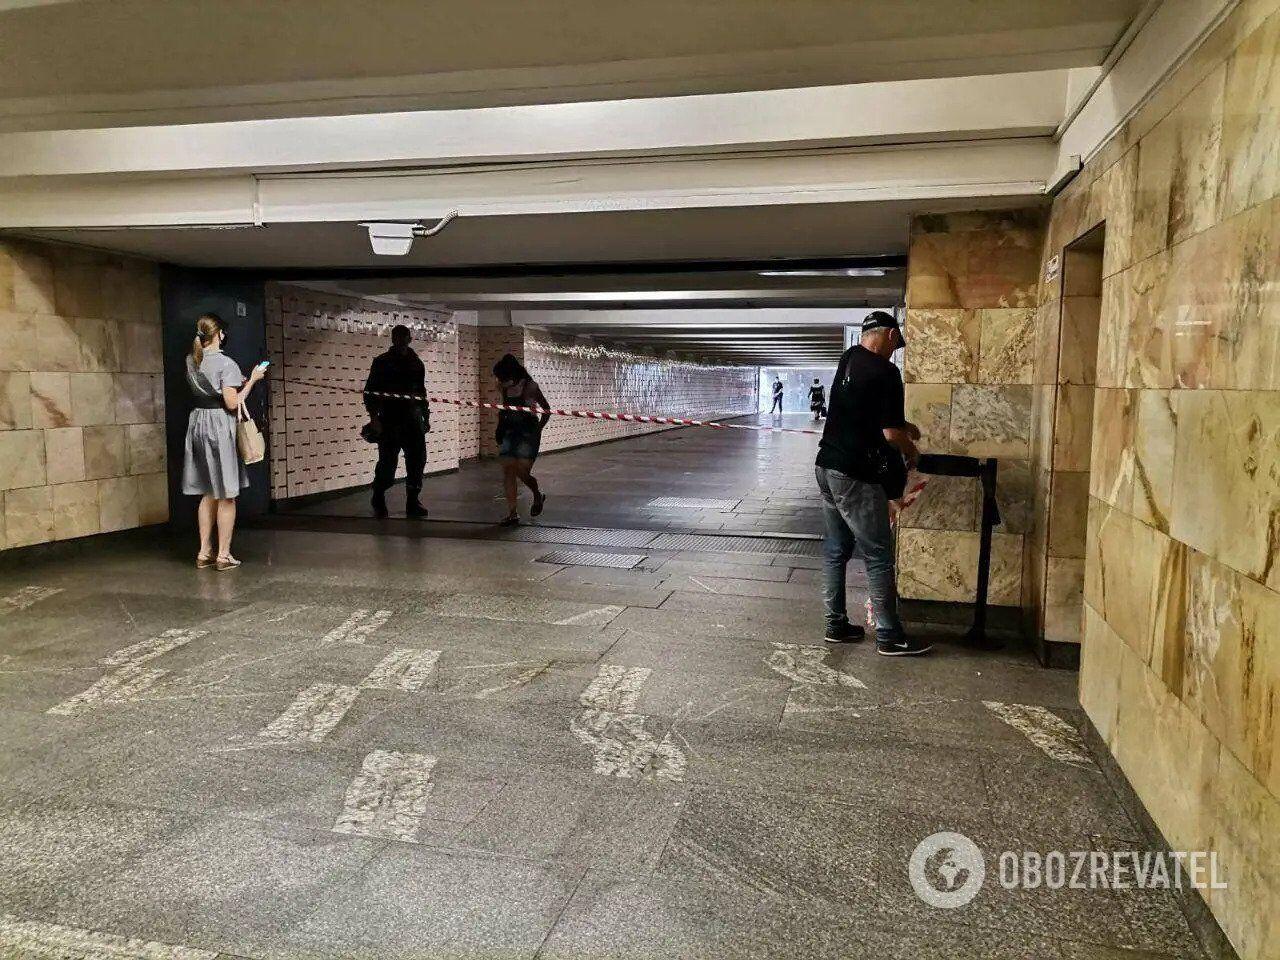 Через повідомлення про мінування в Києві закривають станції метро